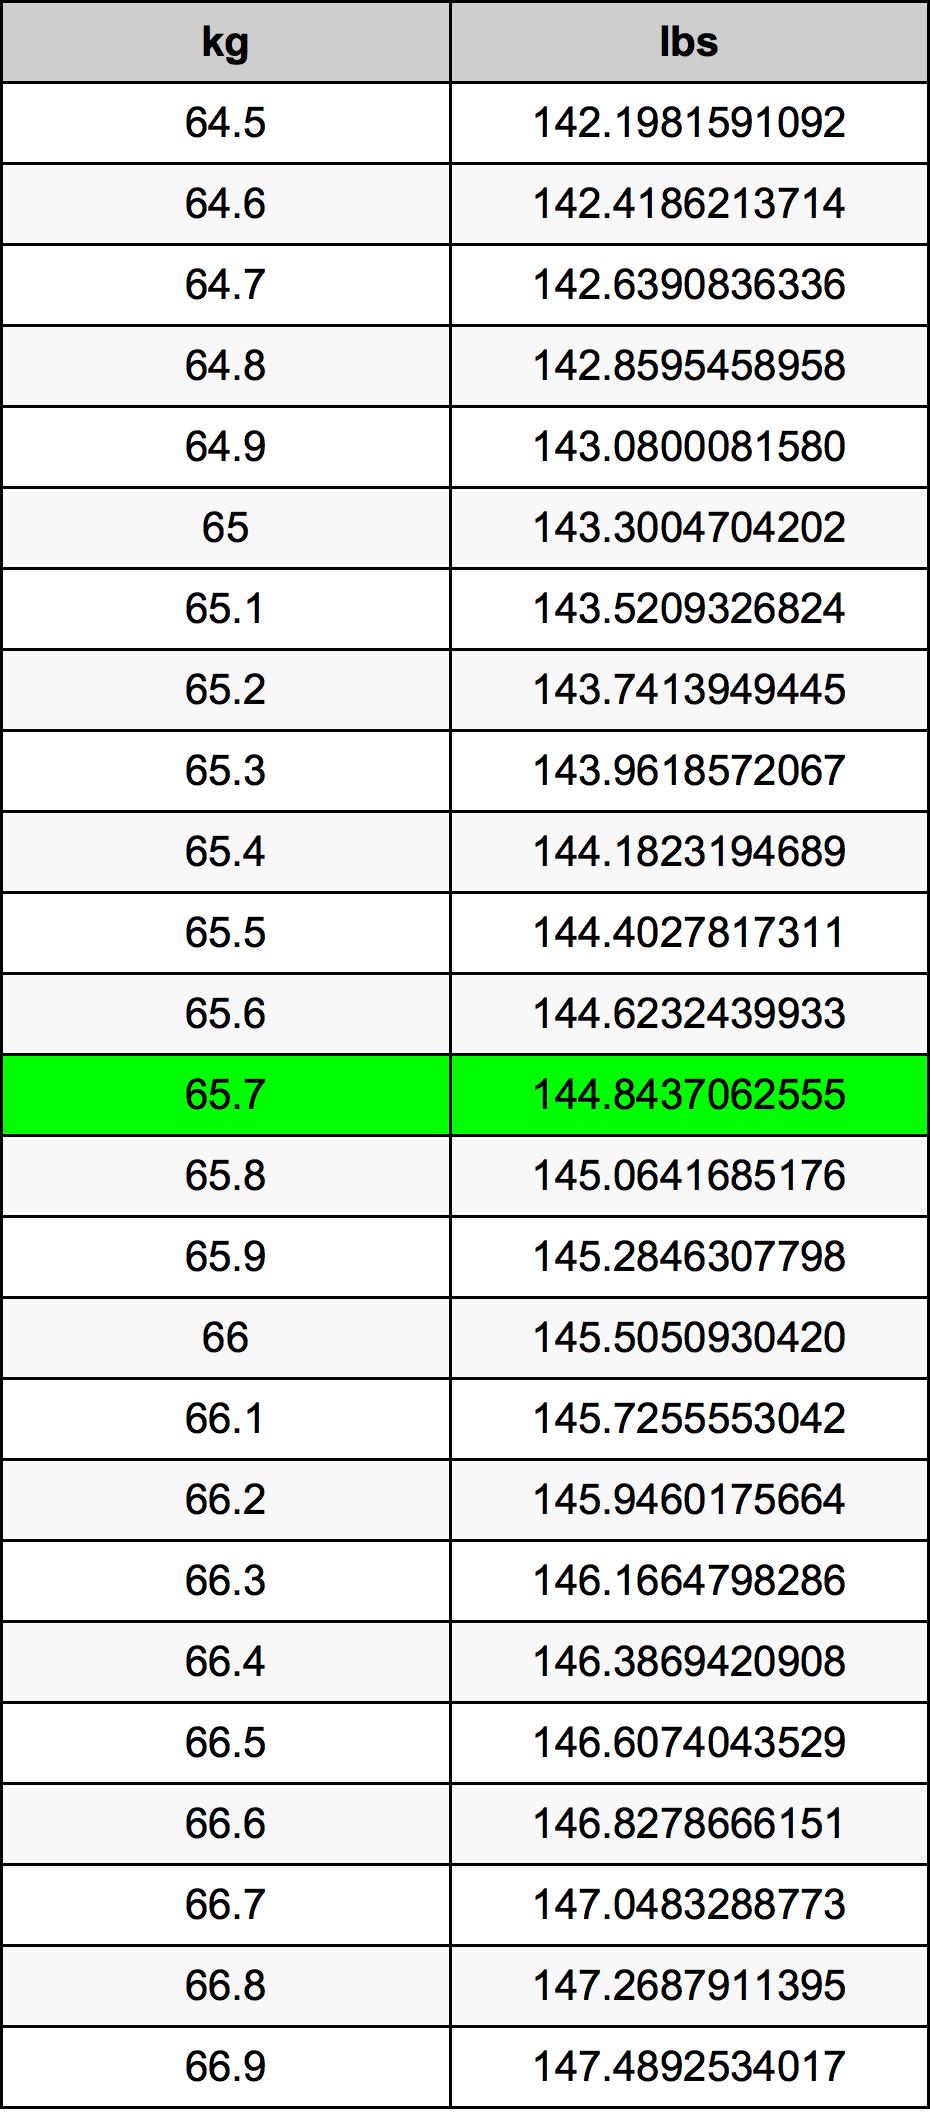 65.7 Kilogramme table de conversion